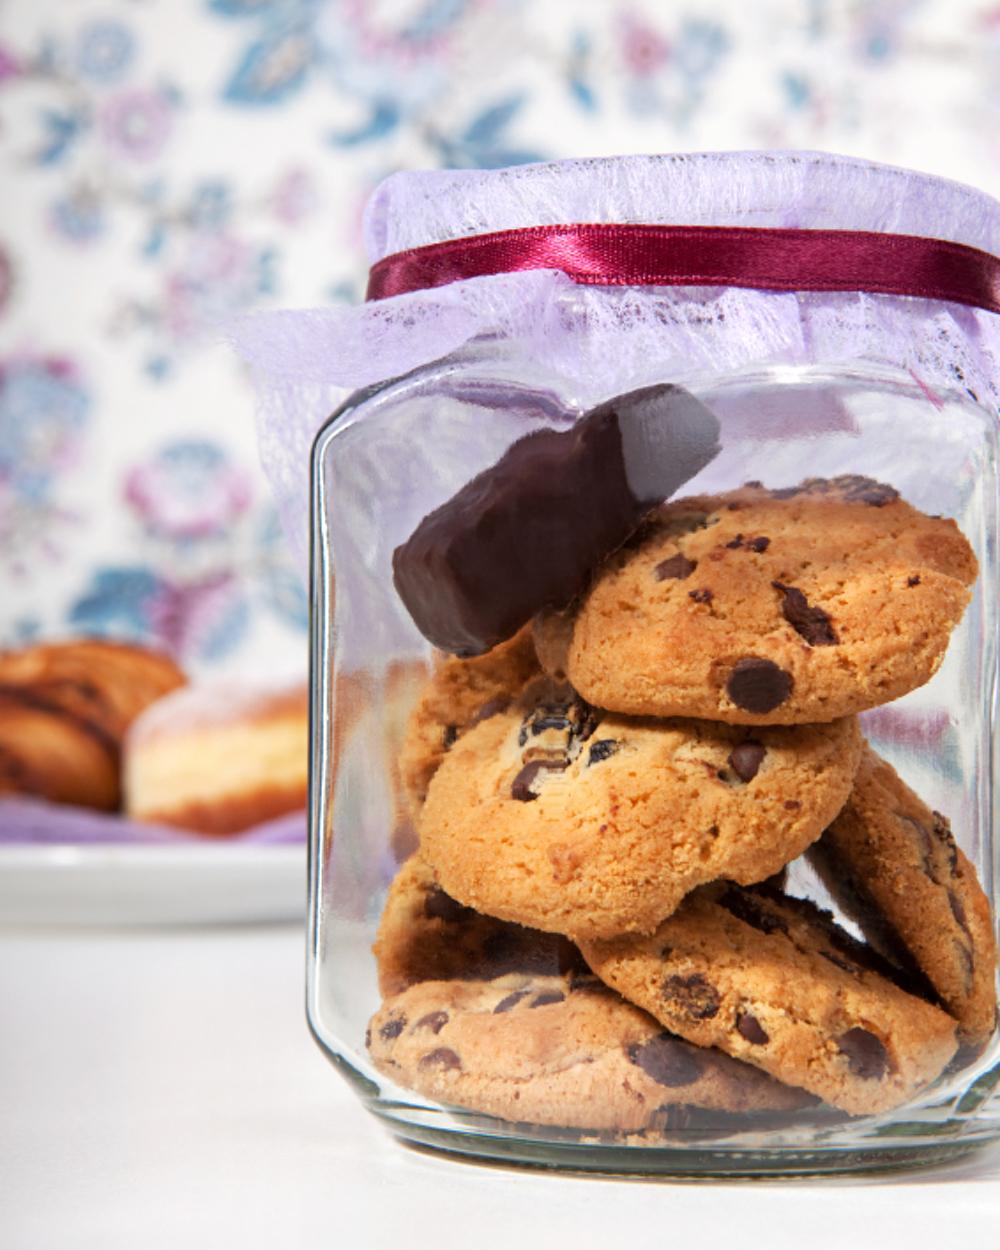 kreative verpackungen für schokolade, pralinen und kekse |